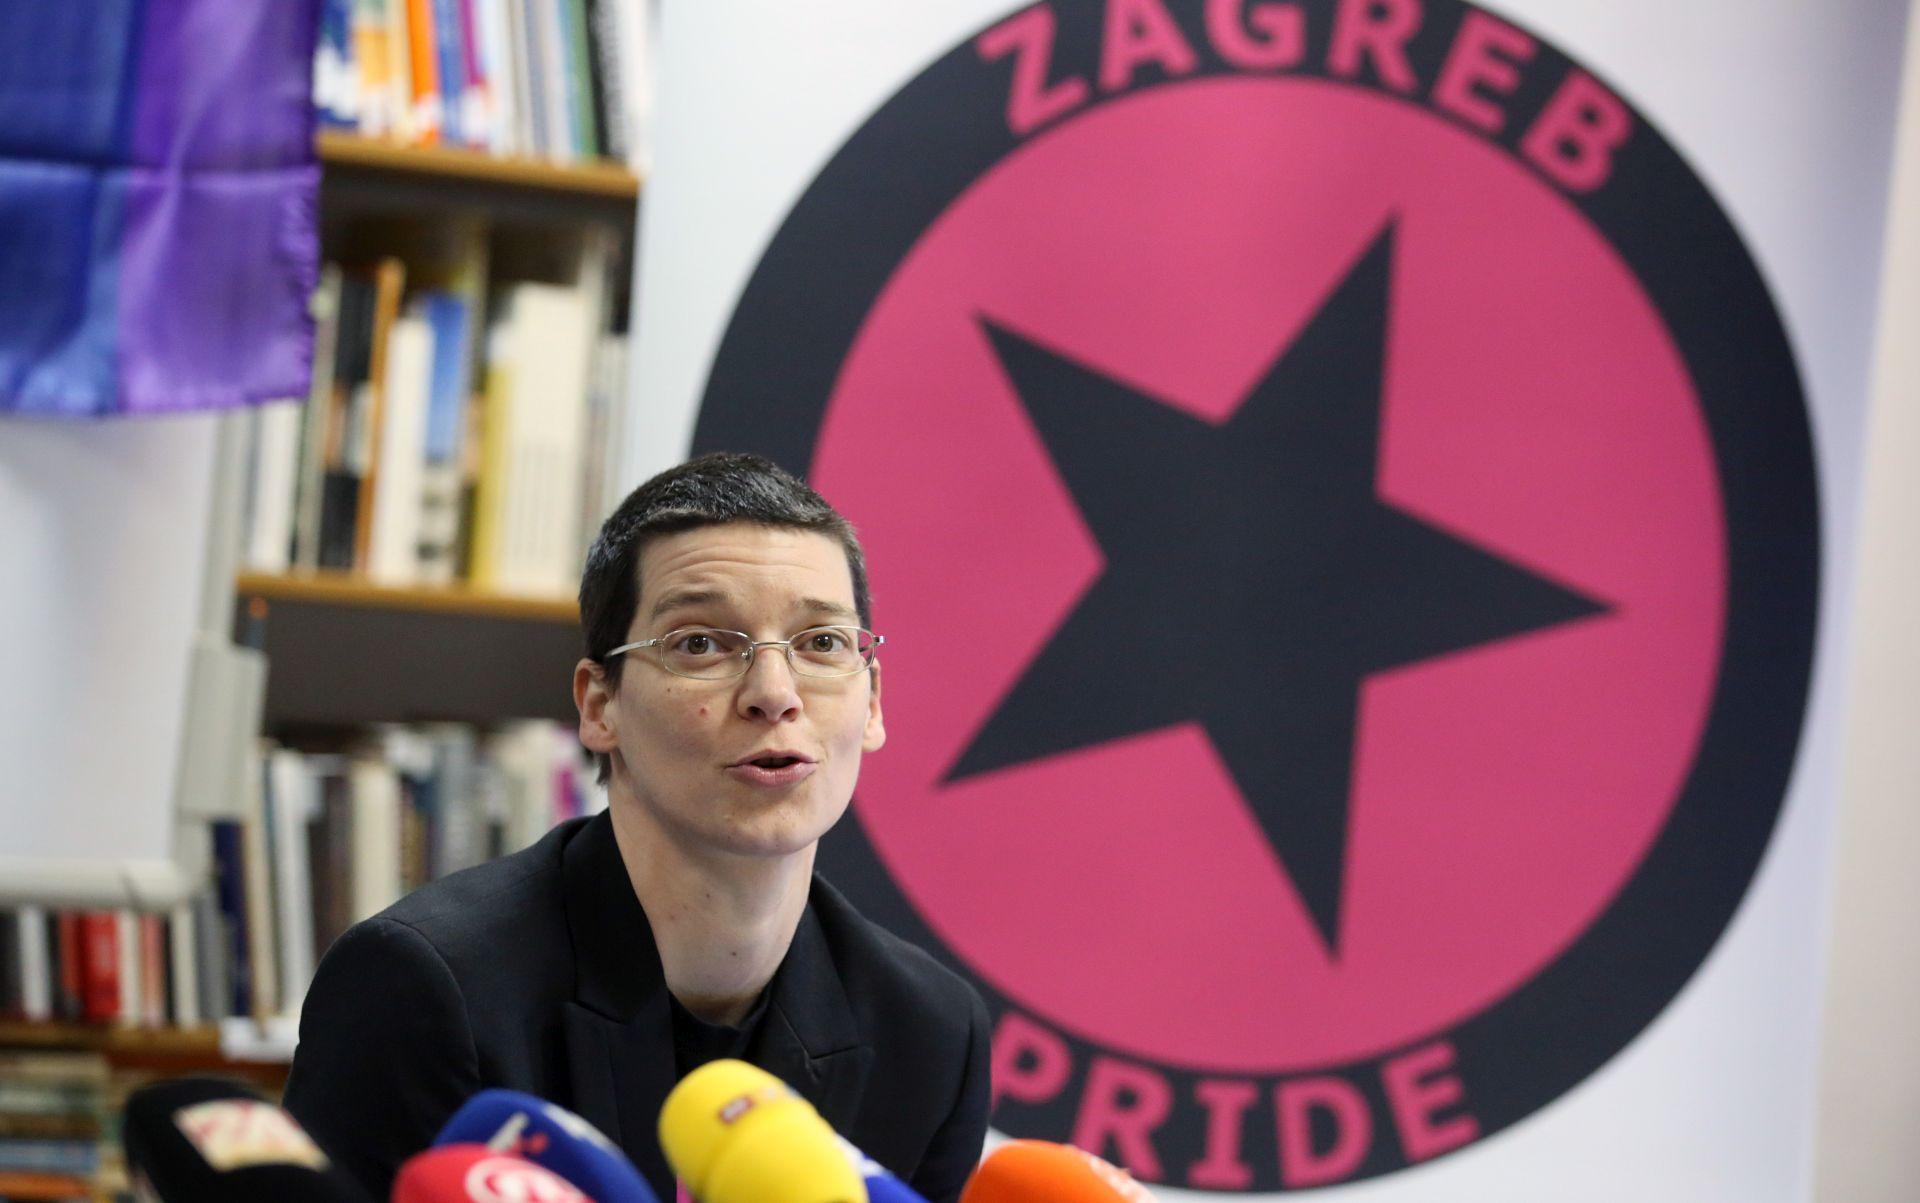 UŽIVO: Prosvjed u organizaciji Zagreb Pridea